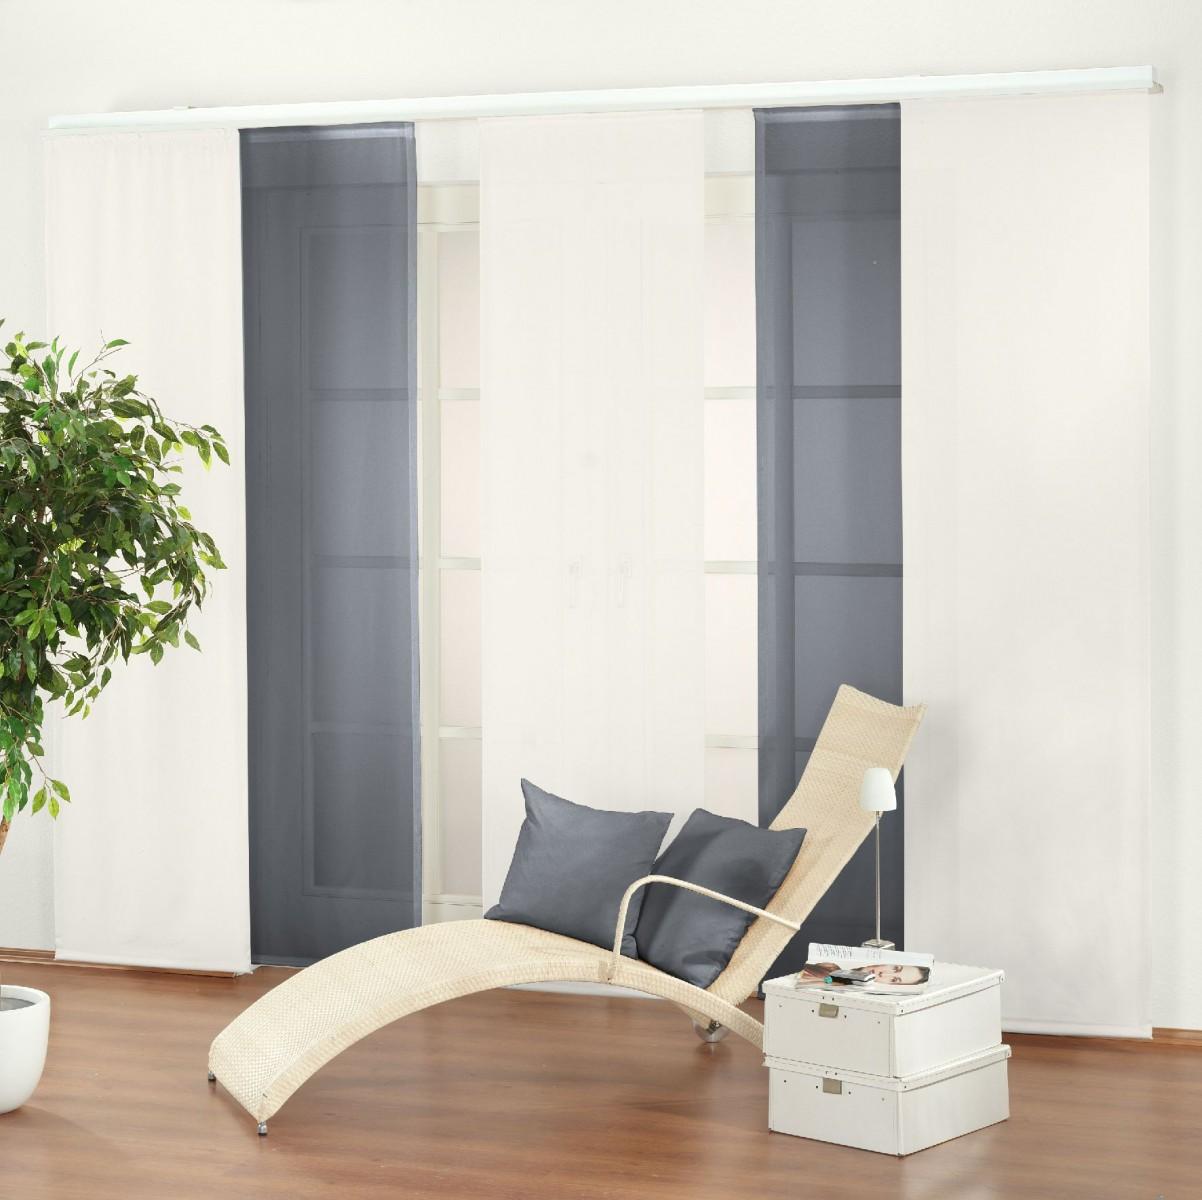 schiebepanel dolce vita in silber sch ner wohnen gardinen stoffe store s fl chenvorhang. Black Bedroom Furniture Sets. Home Design Ideas